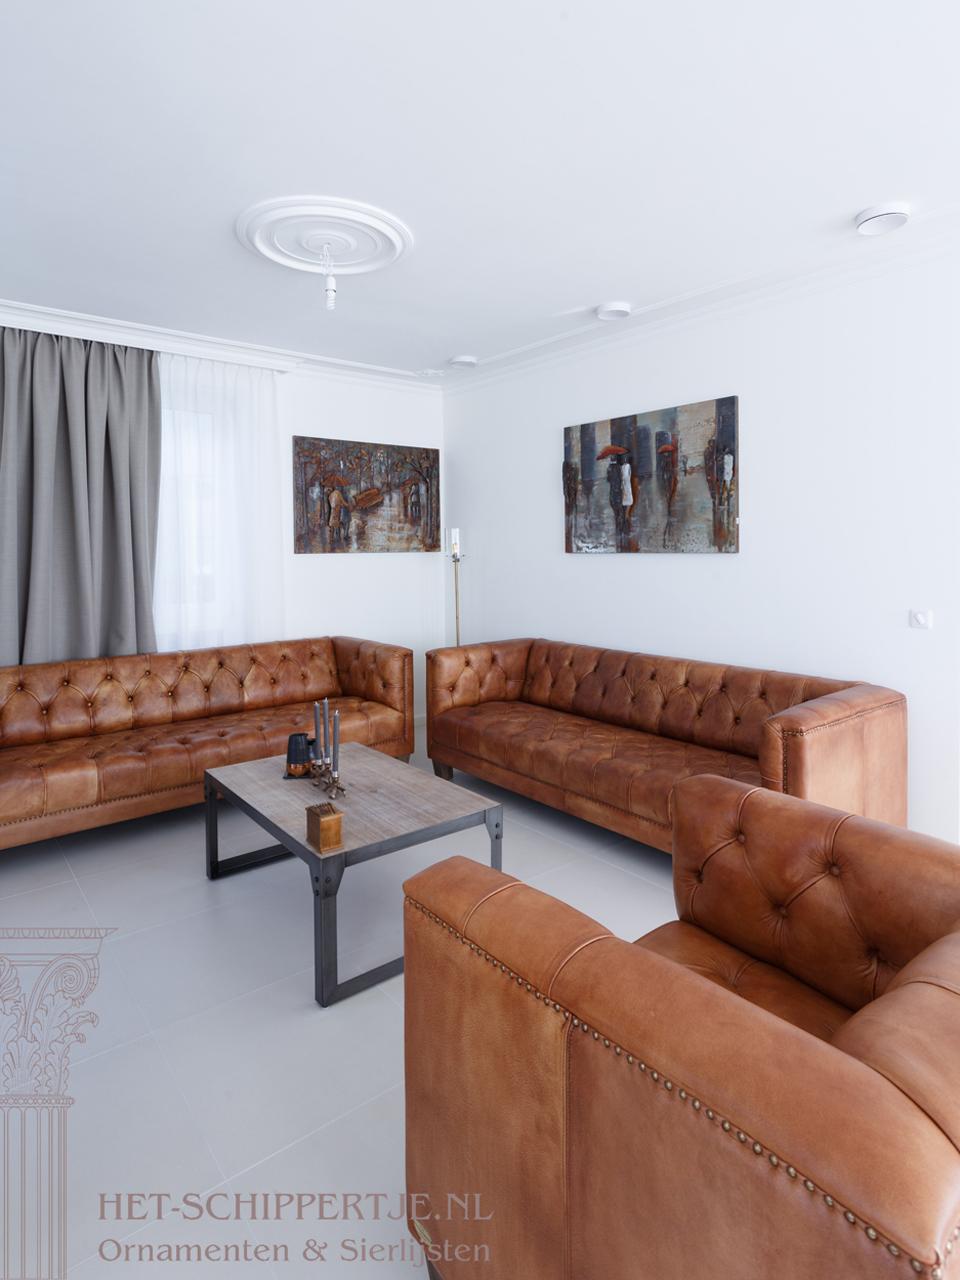 plafondornamenten woonhuis harderwijk sierlijsten